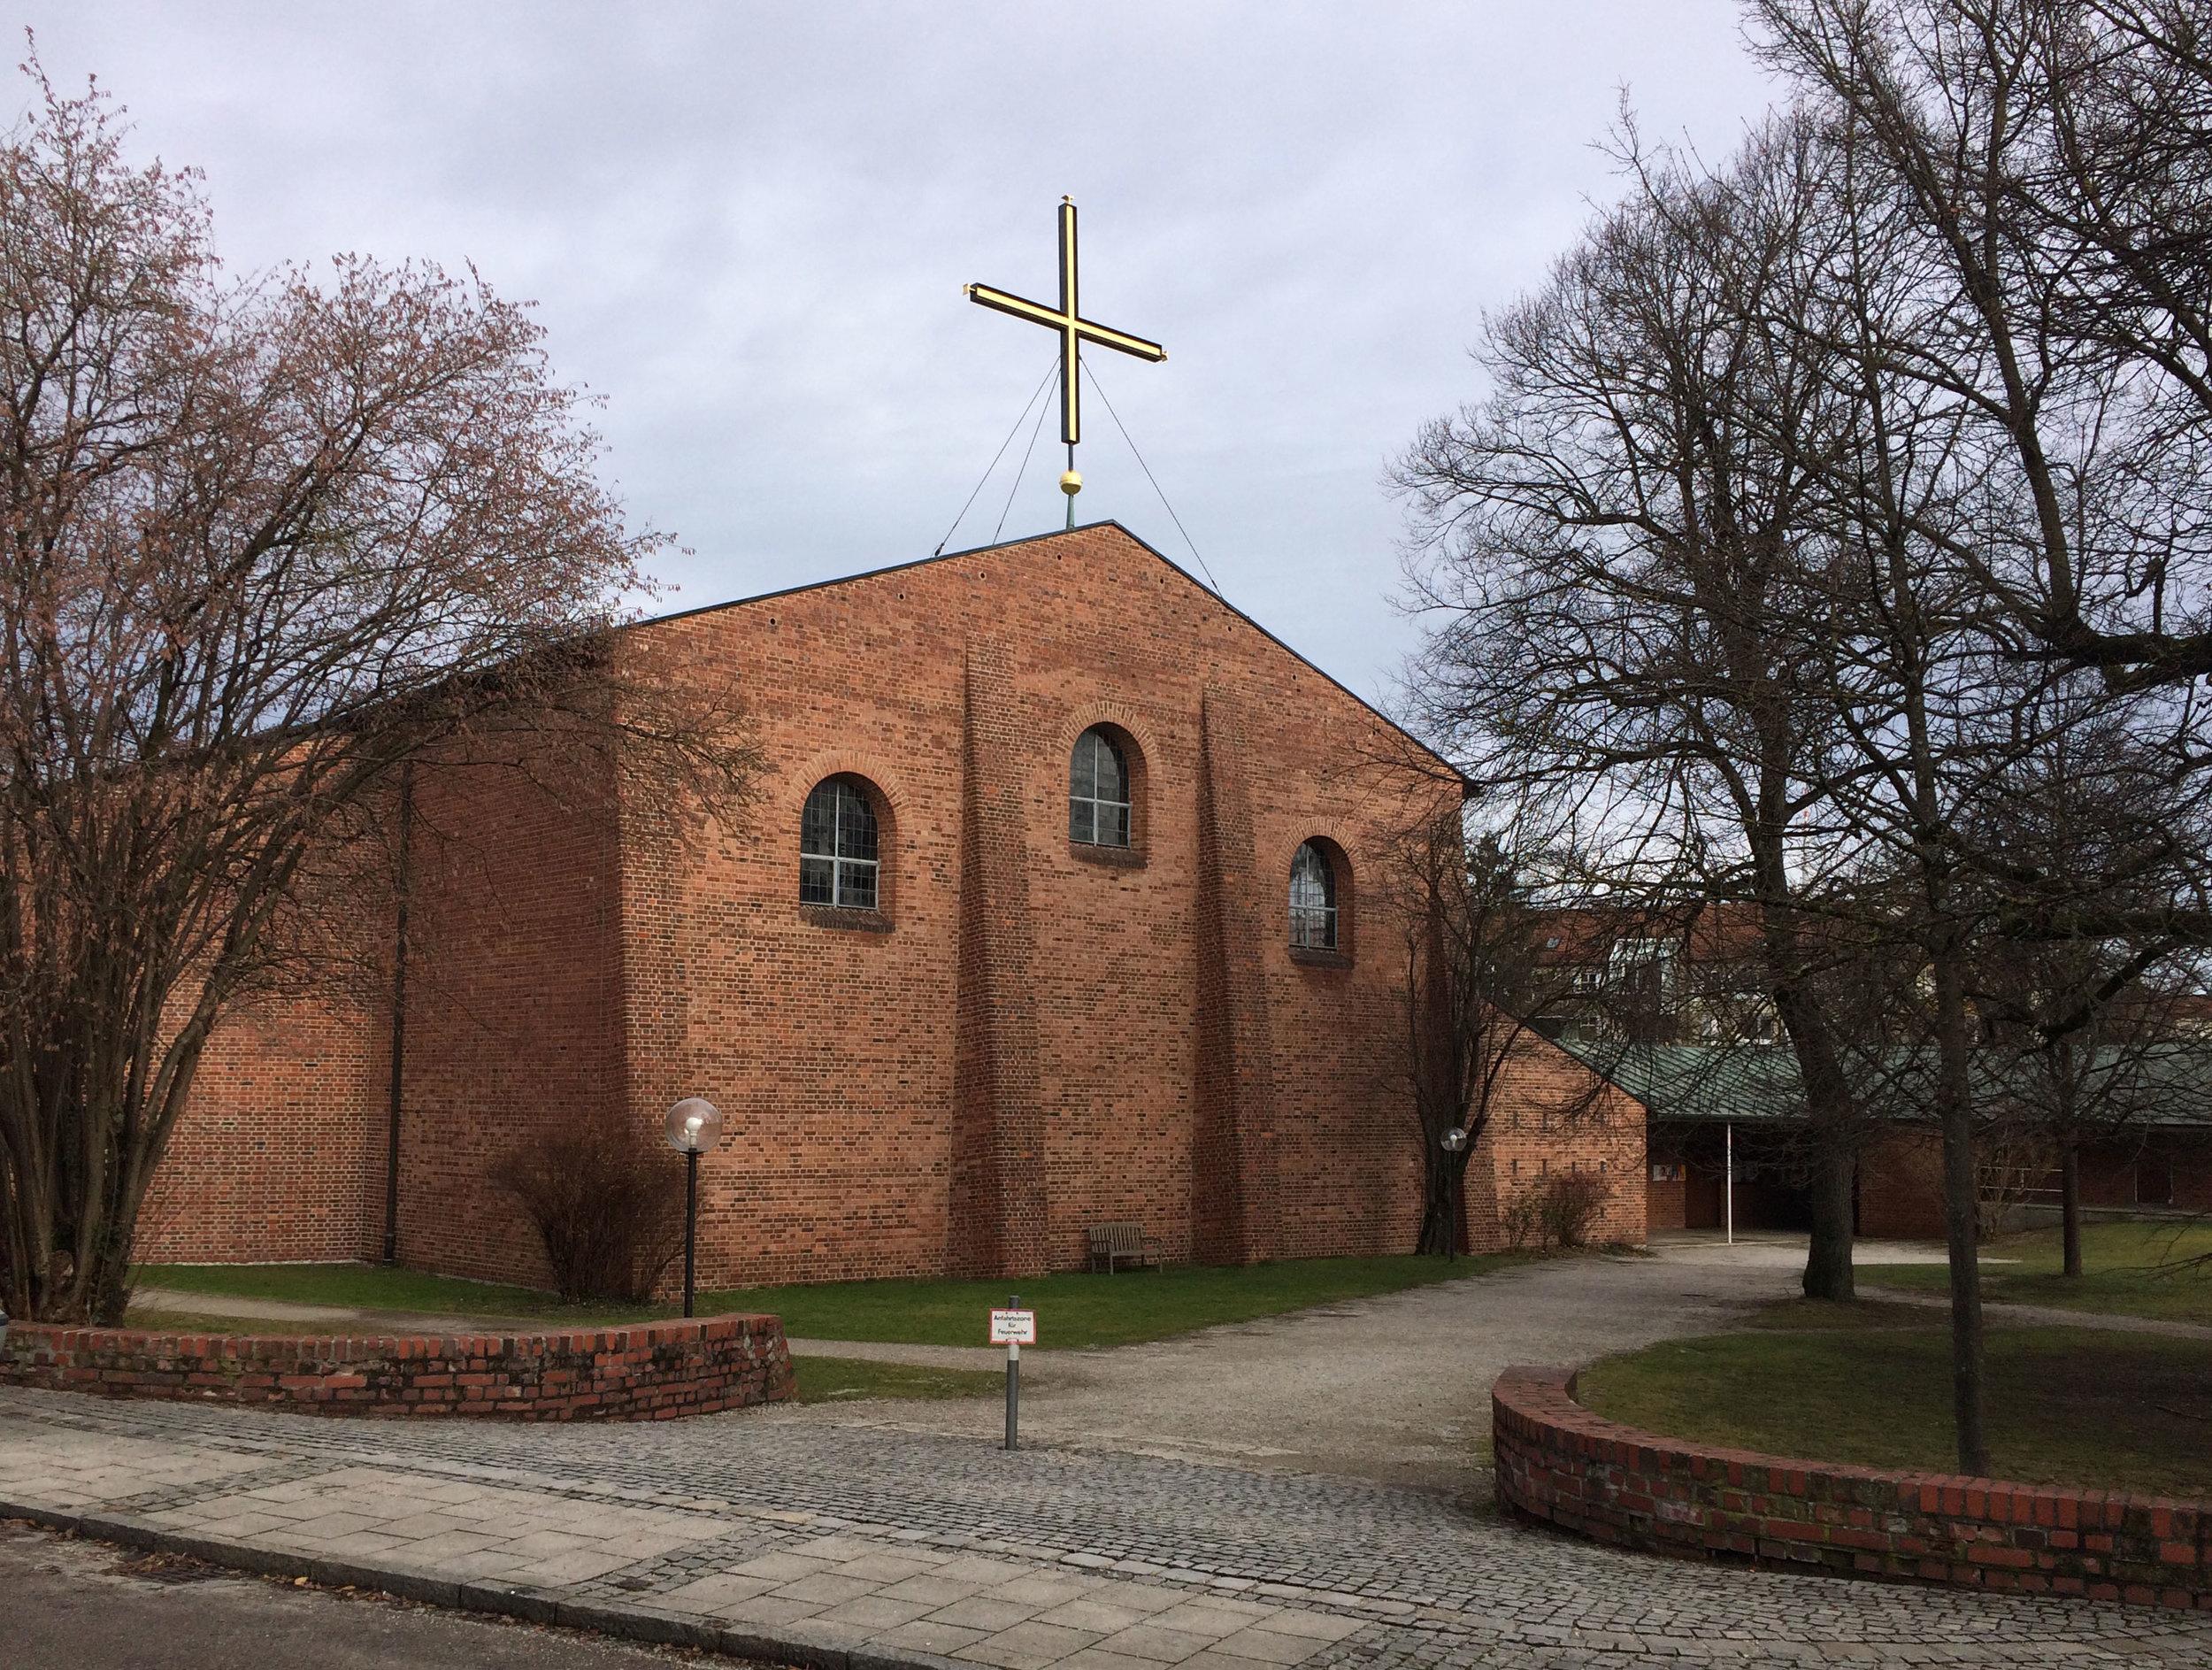 Emil-Steffann-St-Laurentius-Munich-Bizley-Somerset-Architect-2.jpg